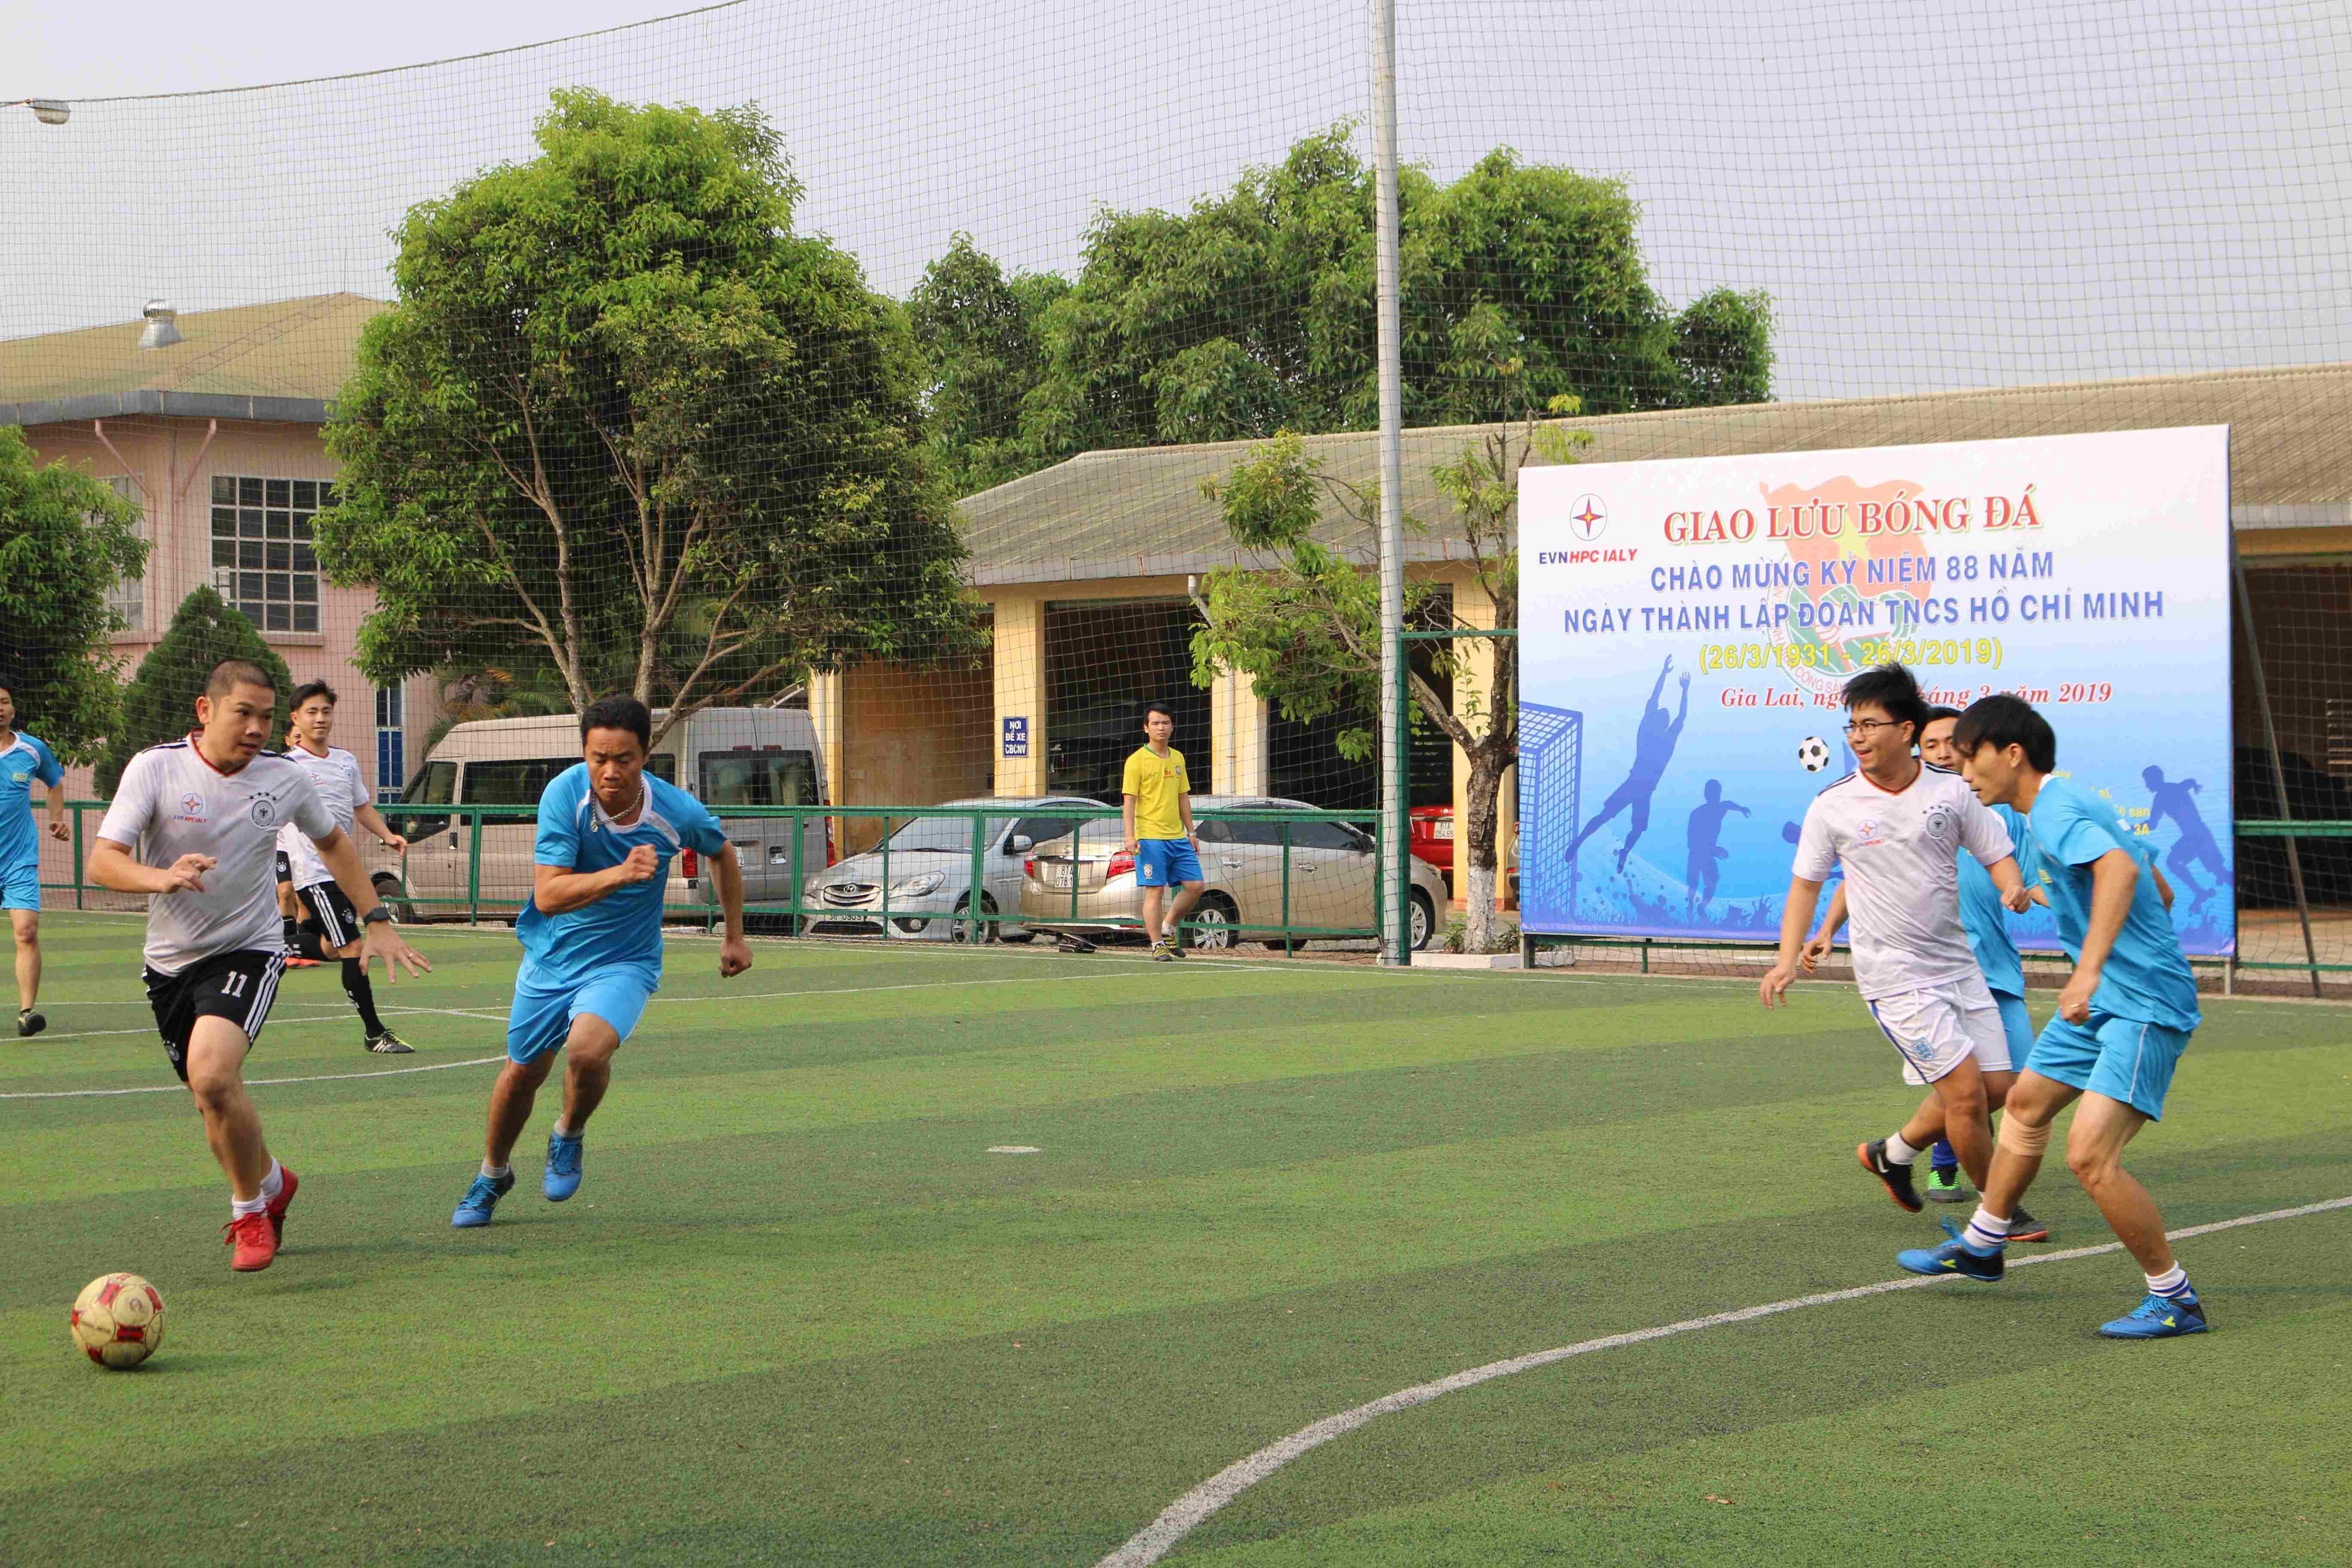 Đoàn thanh niên Sê San 3A tham dự giải Bóng đá Thanh niên chào mừng kỷ niệm 88 năm ngày thành lập Đoàn TNCS Hồ Chí Minh.